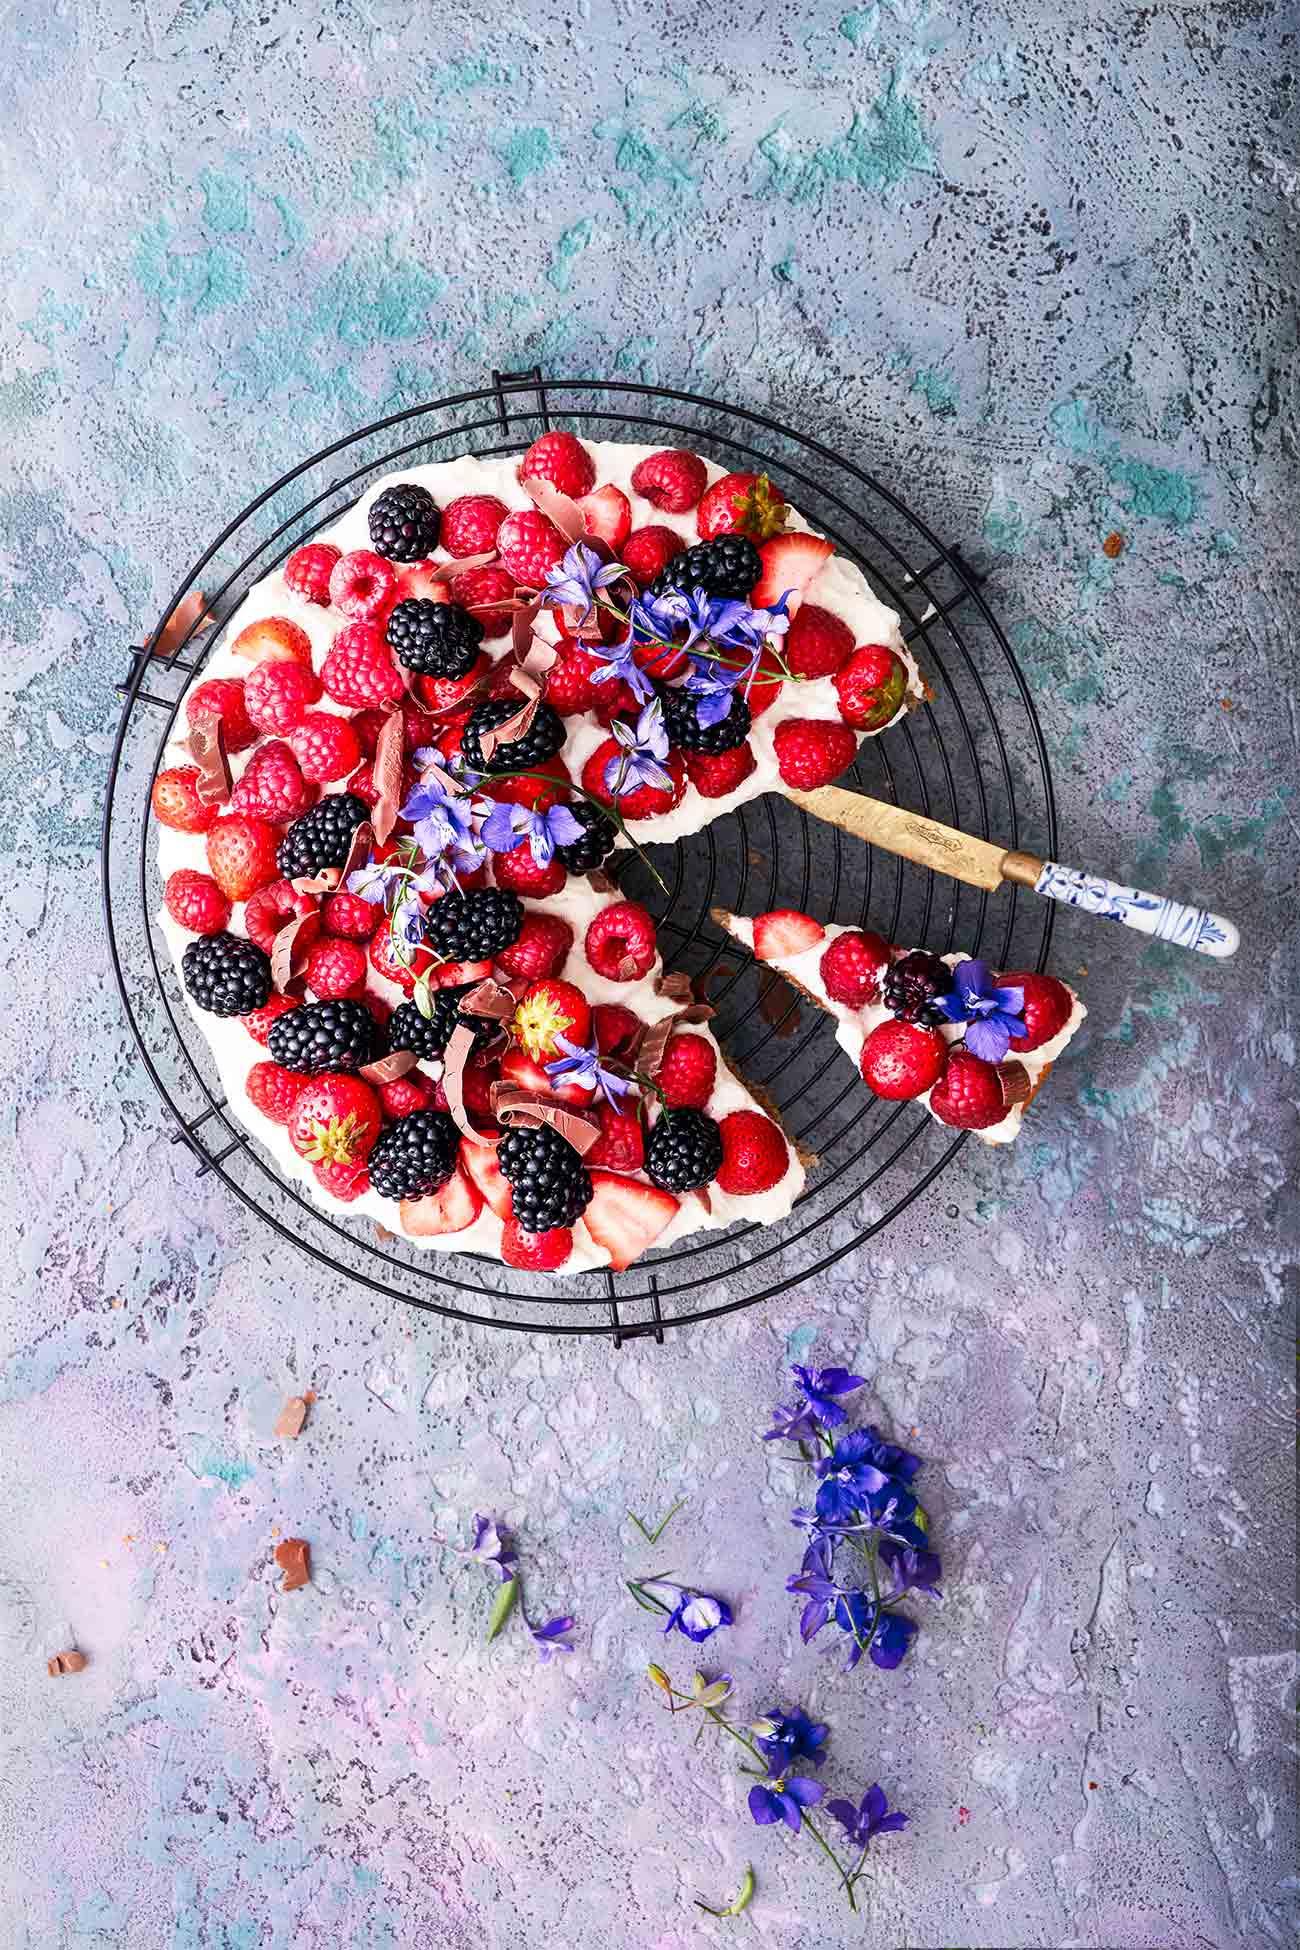 Gib mir bitte die ganzen Farben des Sommers! Ich so: JA!  Frische Beeren und Sahne sind einfach ein Traum, nur mag ich manchmal die langweiligen Biskuitböden nicht. Aber jetzt habe ich endlich ein Mega-Rezept für einen passenden Kuchenboden gefunden. Mit Frischkäse und gemahlenen Haselnüssen.  Also ja, Bring-on-Summer, ich bin sooo bereit!